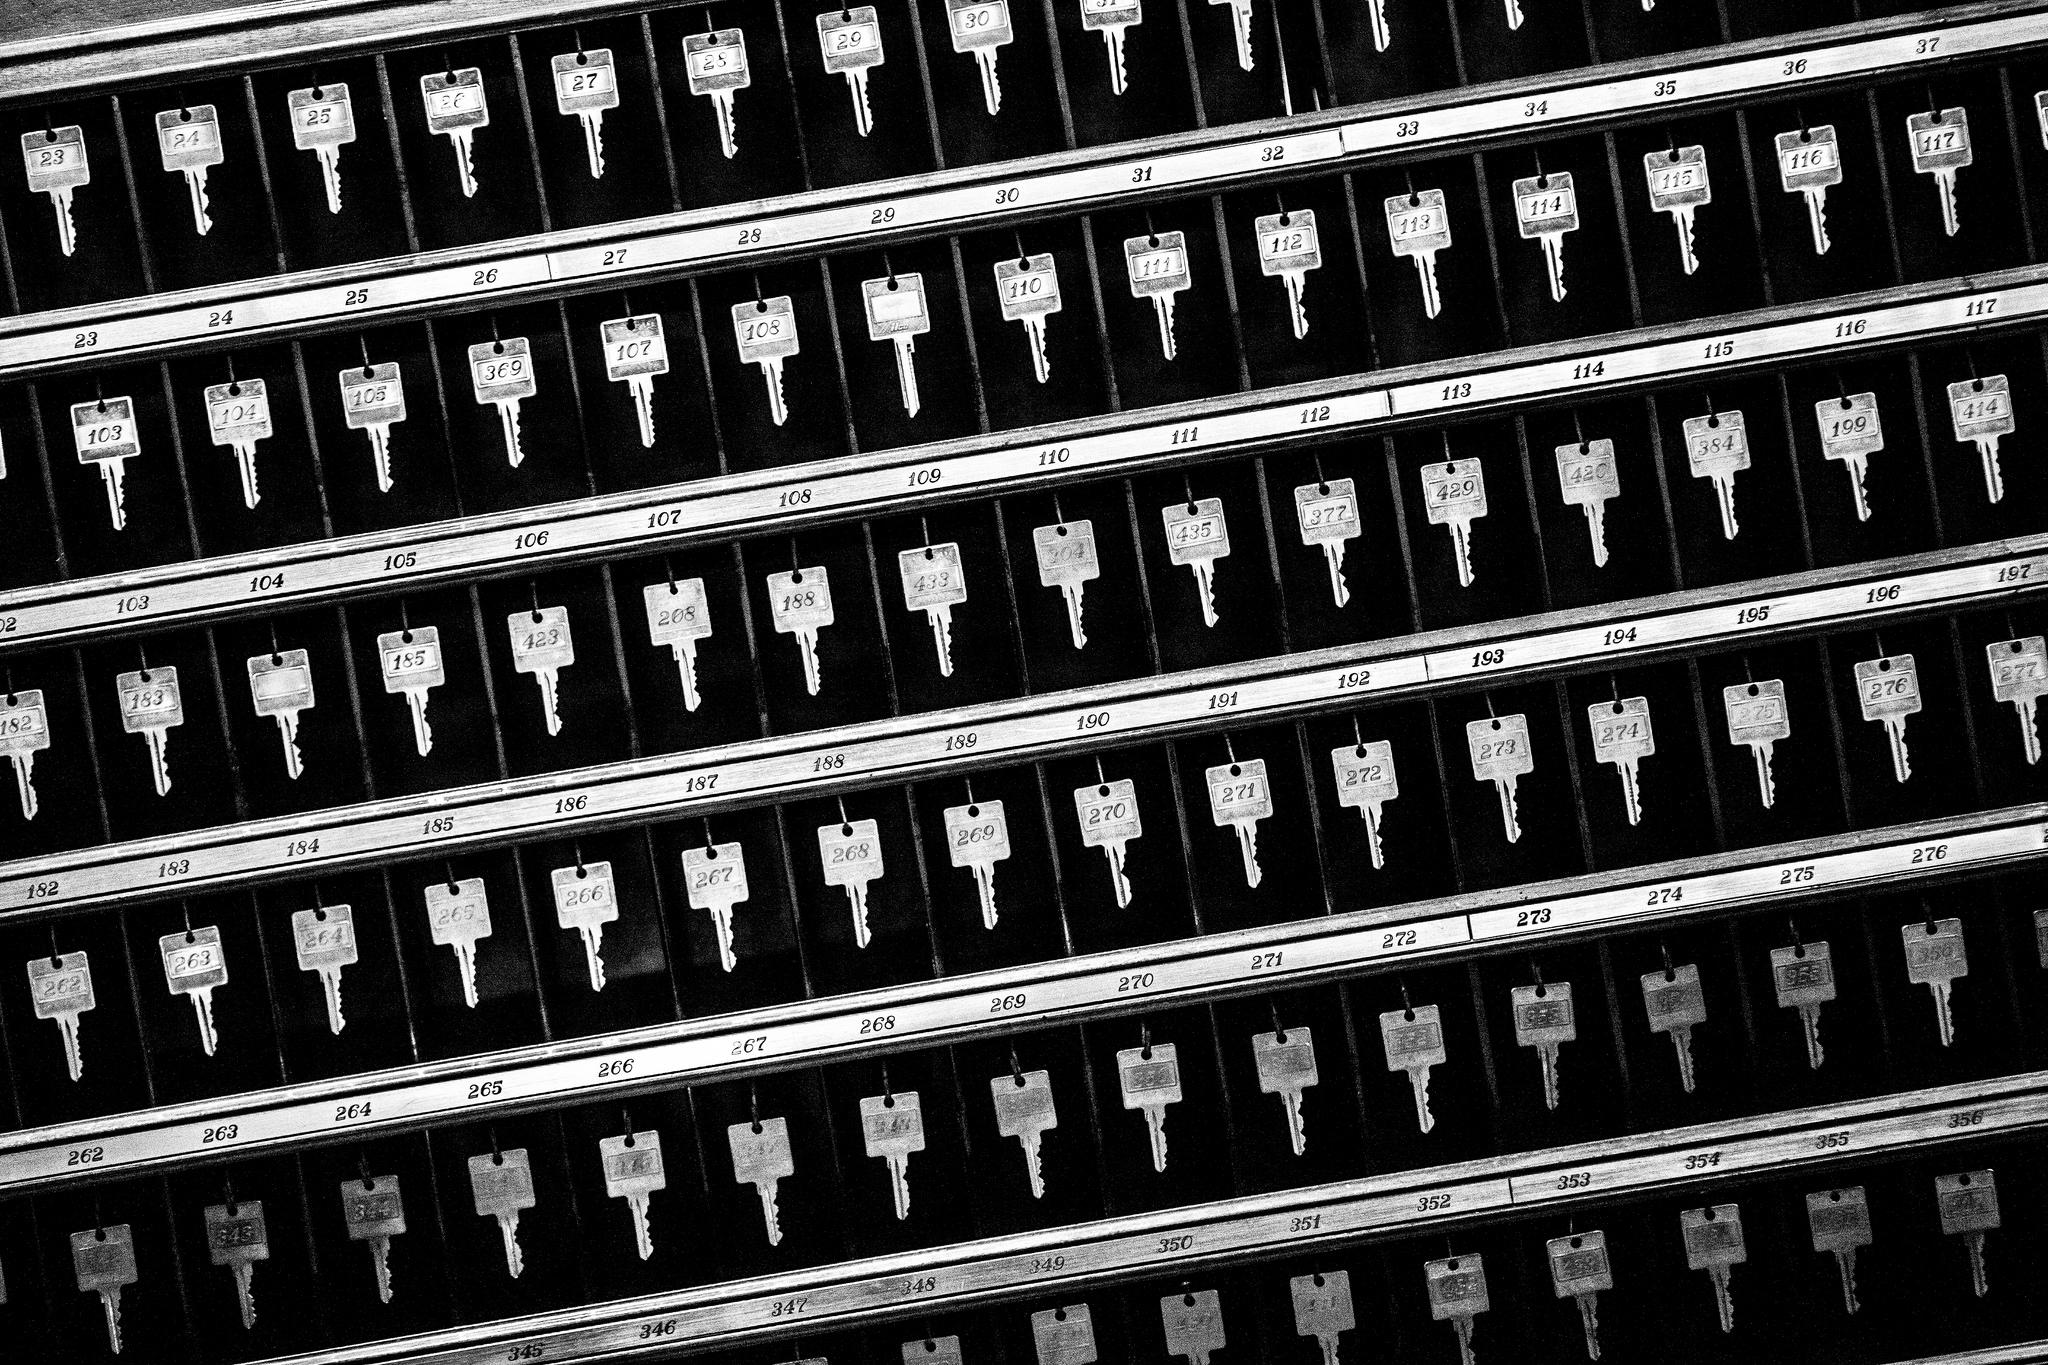 Akionsplan gegen Verschlüsselung (Symbolbild). Foto: CC-BY-NC 2.0 Thomas Hawk